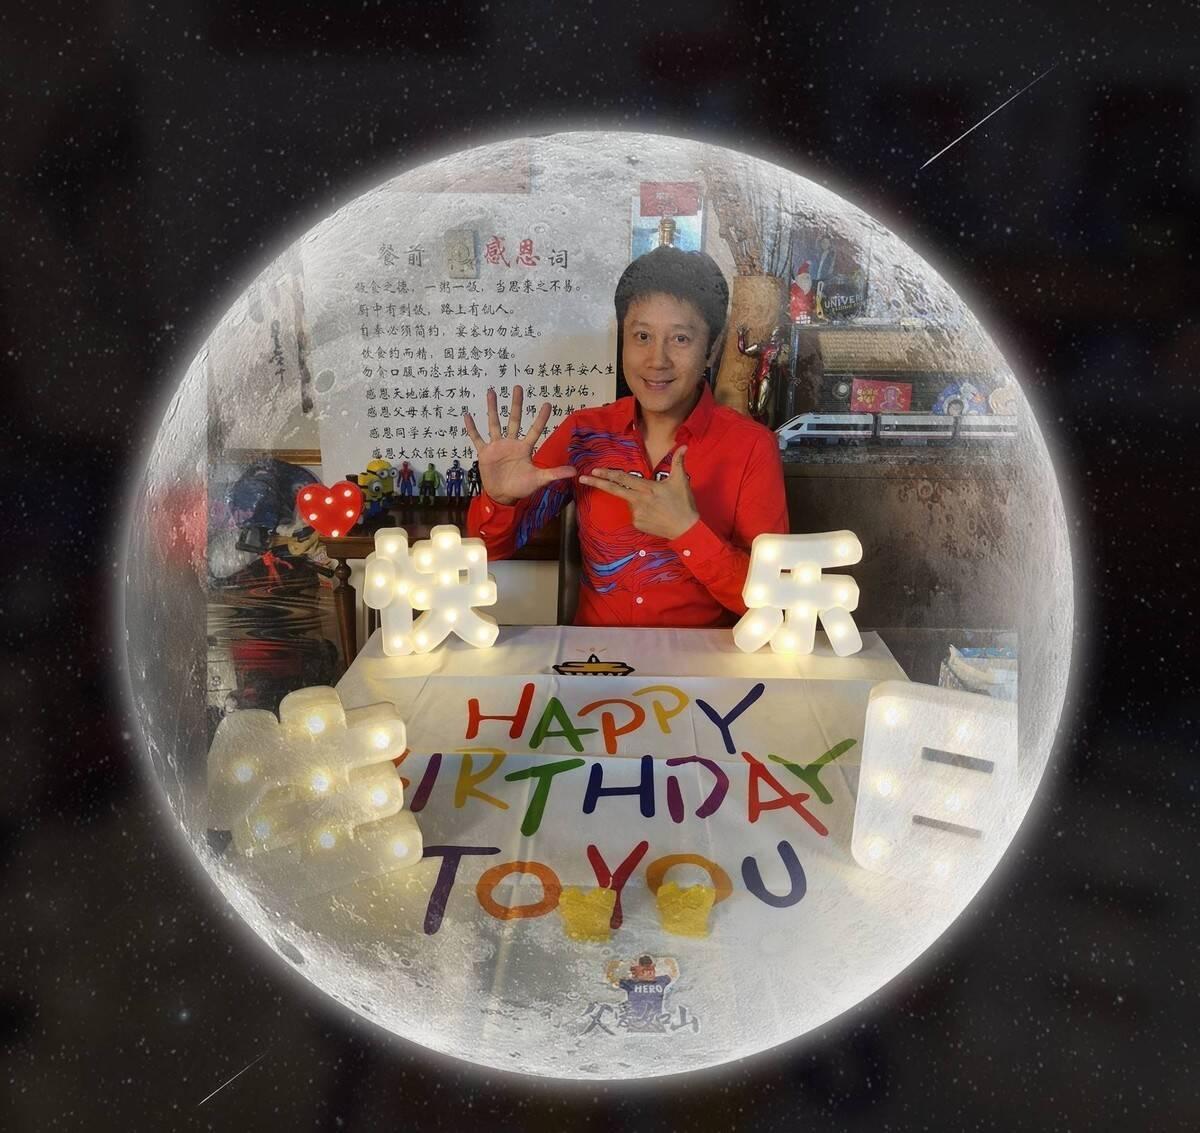 蔡国庆晒庆生照,生日宴朴素却看出老婆用心,豪宅里堆满儿子玩具